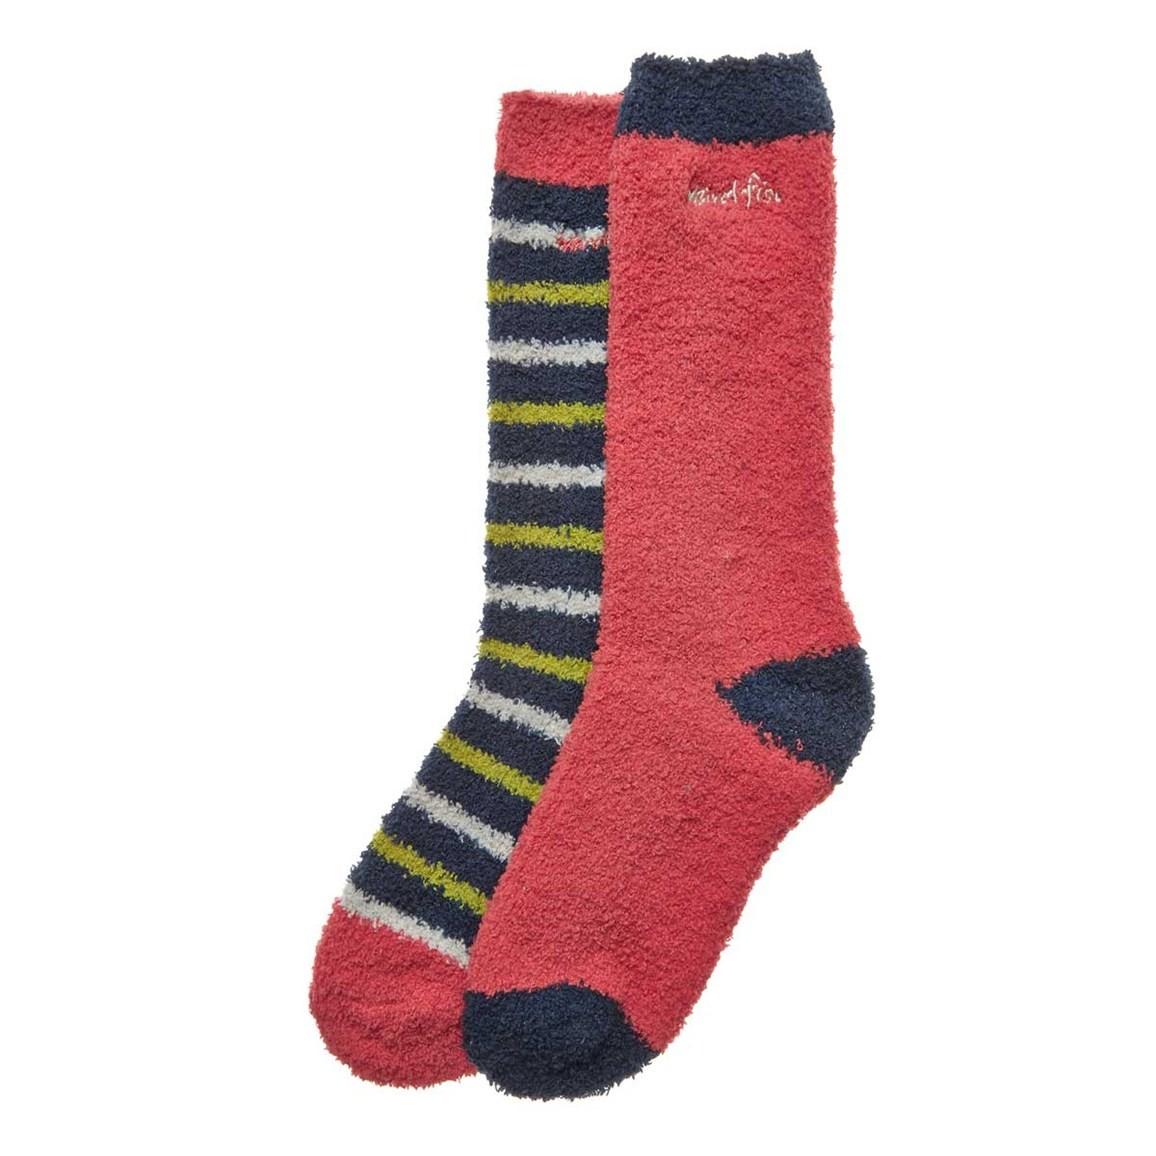 Weird Fish Park Fluffy Socks 2 Pack Dark Navy